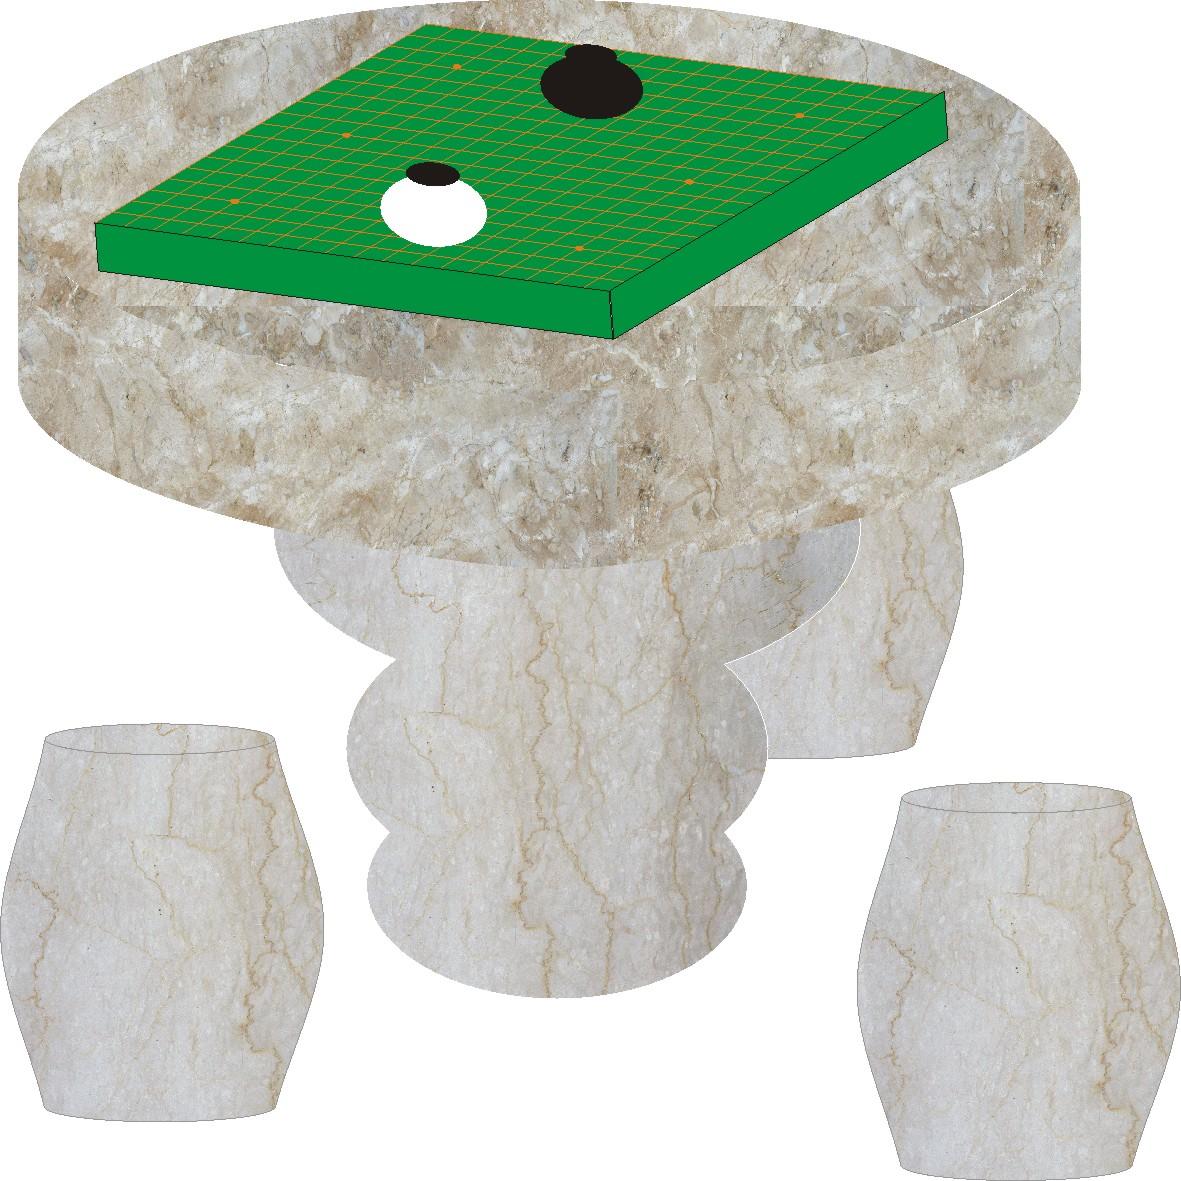 平面设计师--[区版:samohu] coreldraw → 围棋,大理石桌   此主题